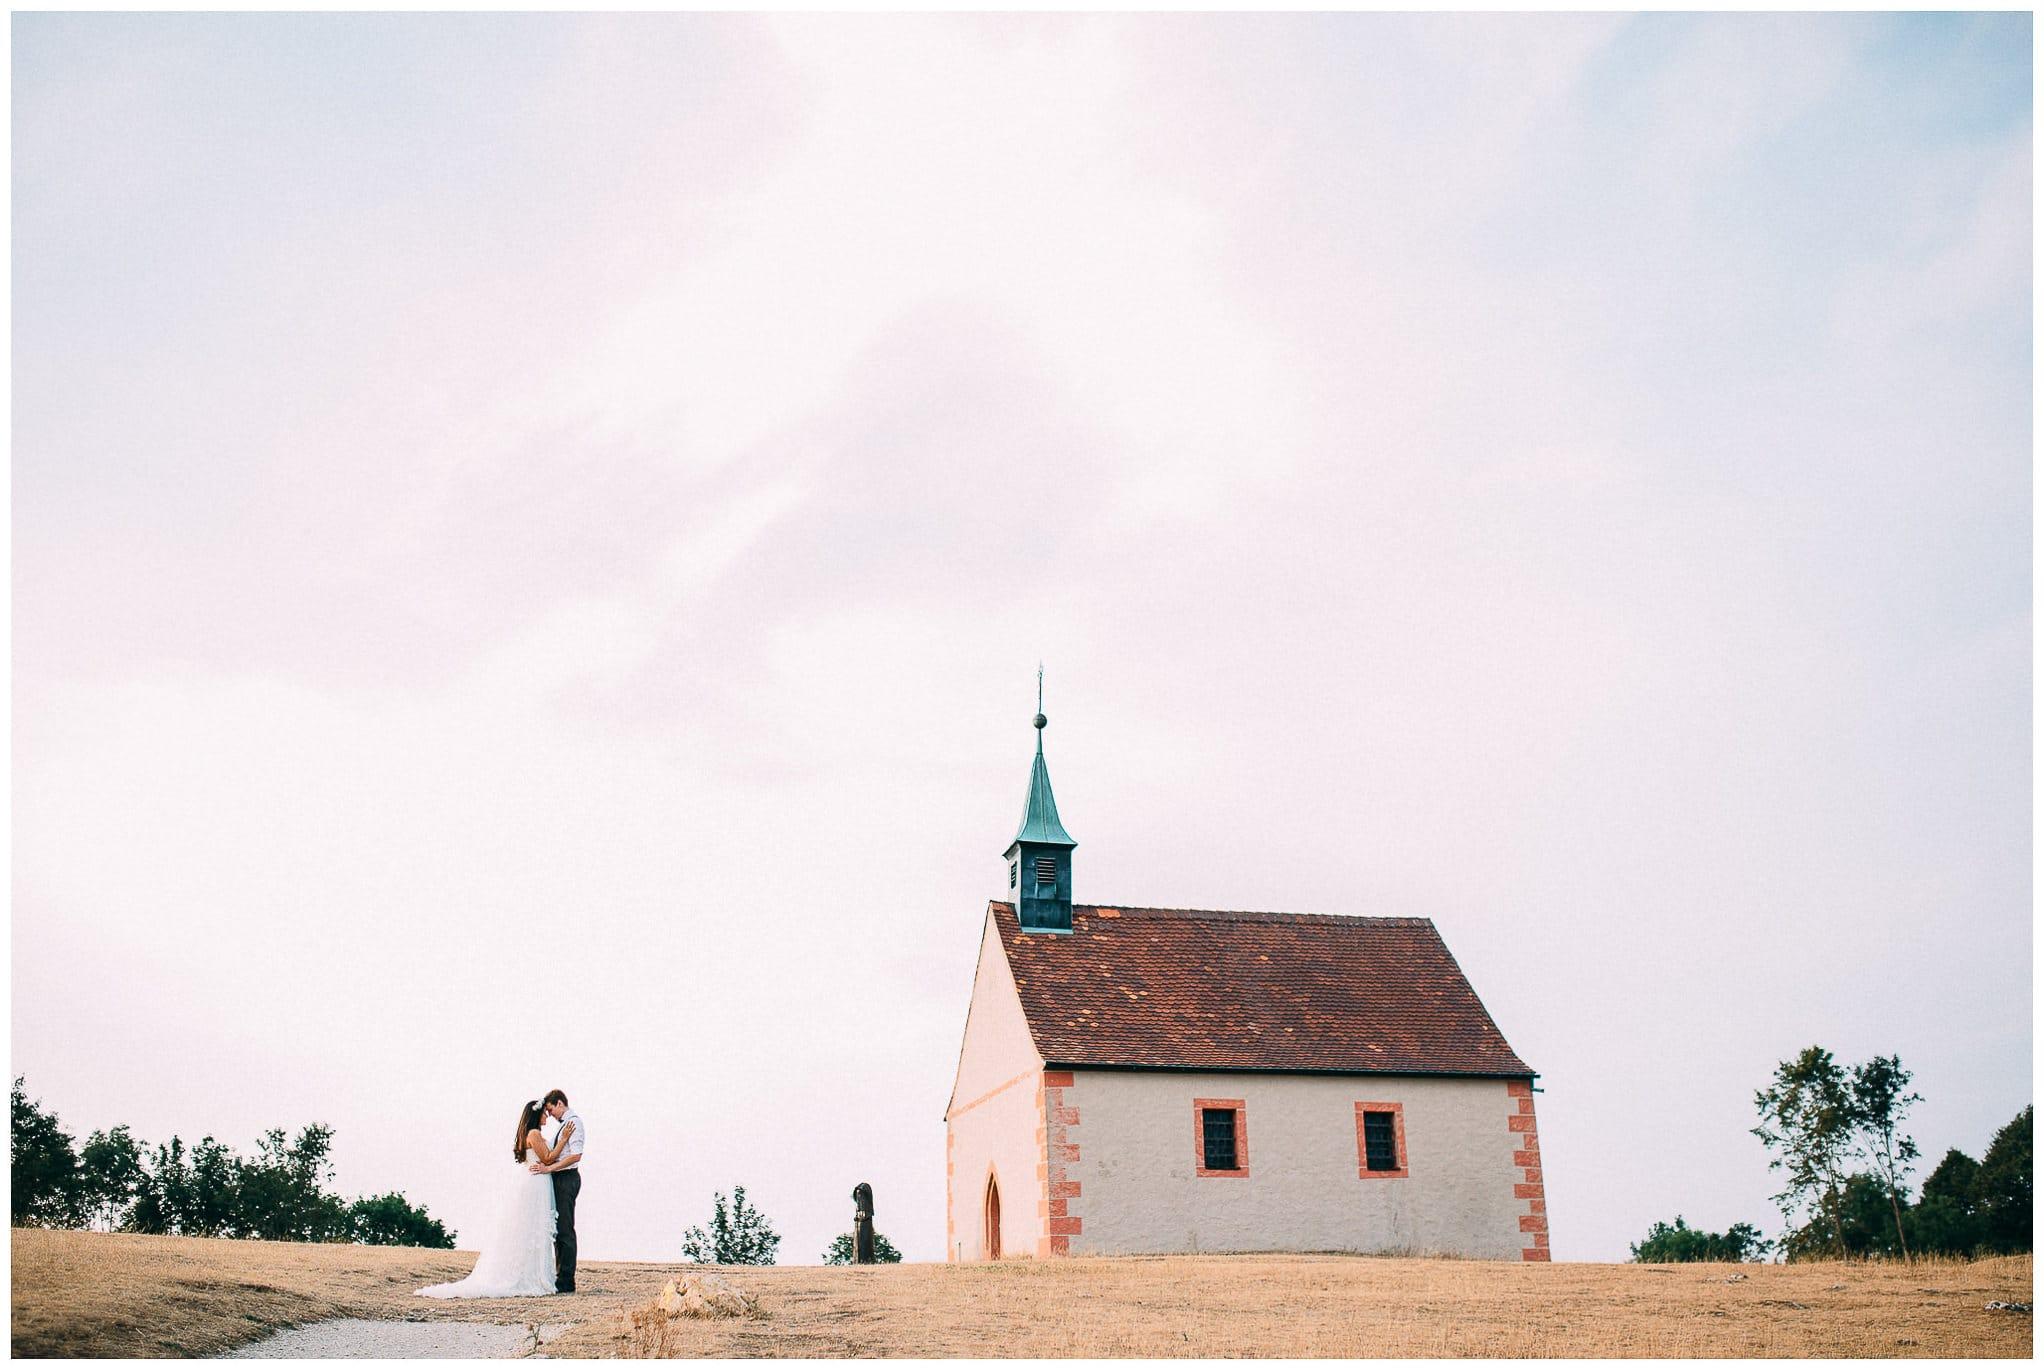 fotografo-de-casamento24